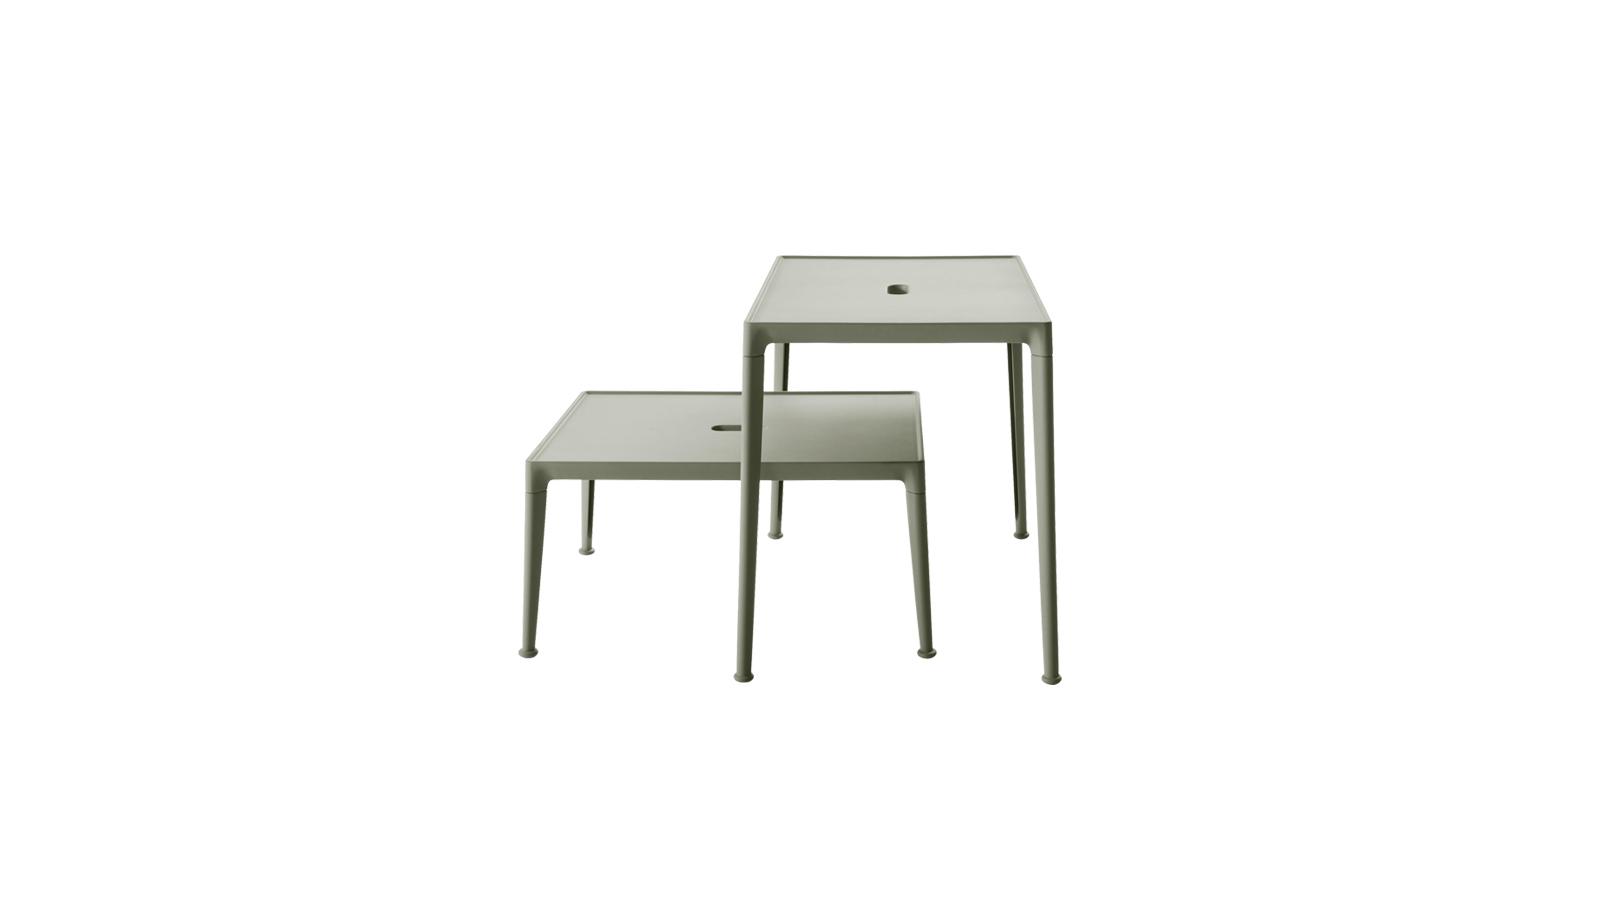 Időtlen eleganciát sugároz a B&B Italia Mirto kollekciója, mely a minimalizmus szellemiségében fogant. A sorozathoz tartozó kültéri kisasztalok bármilyen kültérben jól működnek, bármilyen stílushoz jól illenek, anyaghasználatuknak köszönhetően pedig rendkívül tartósak, ráadásul könnyen mozgathatók.